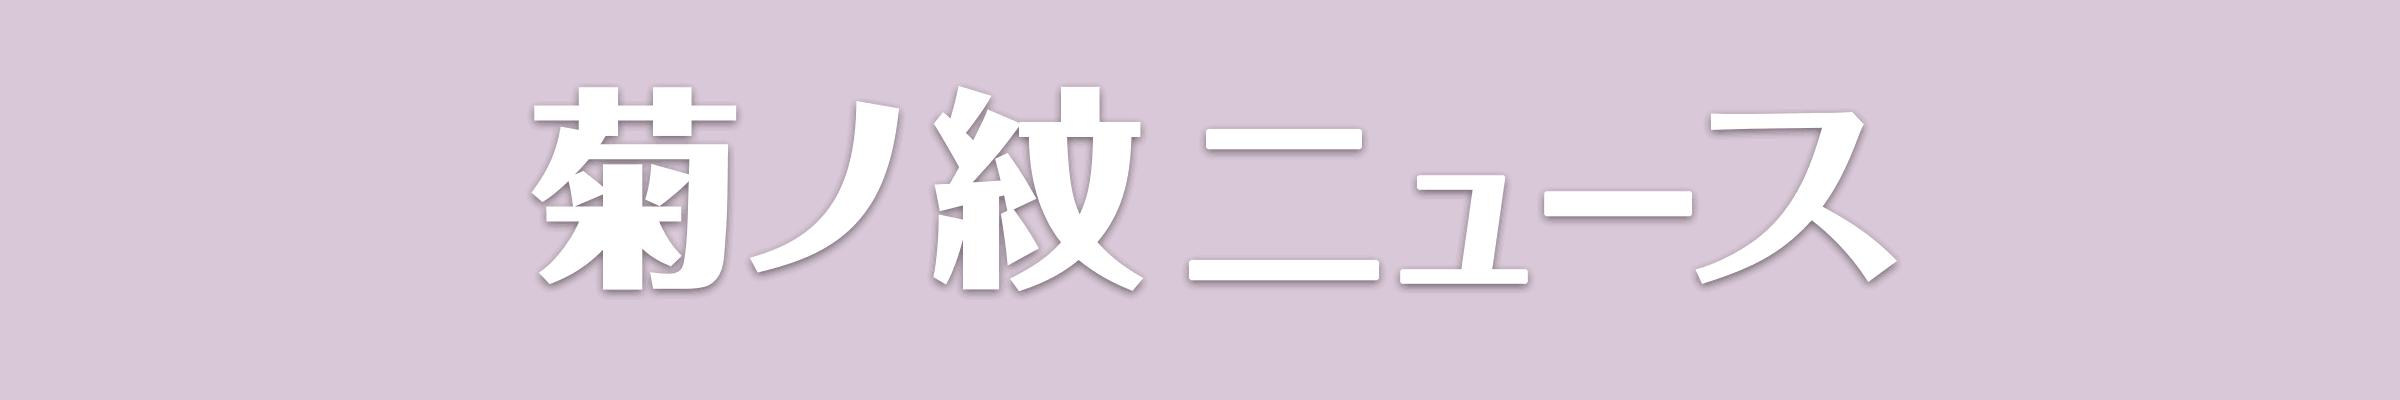 の 皇室 菊 カーテン 局 報道